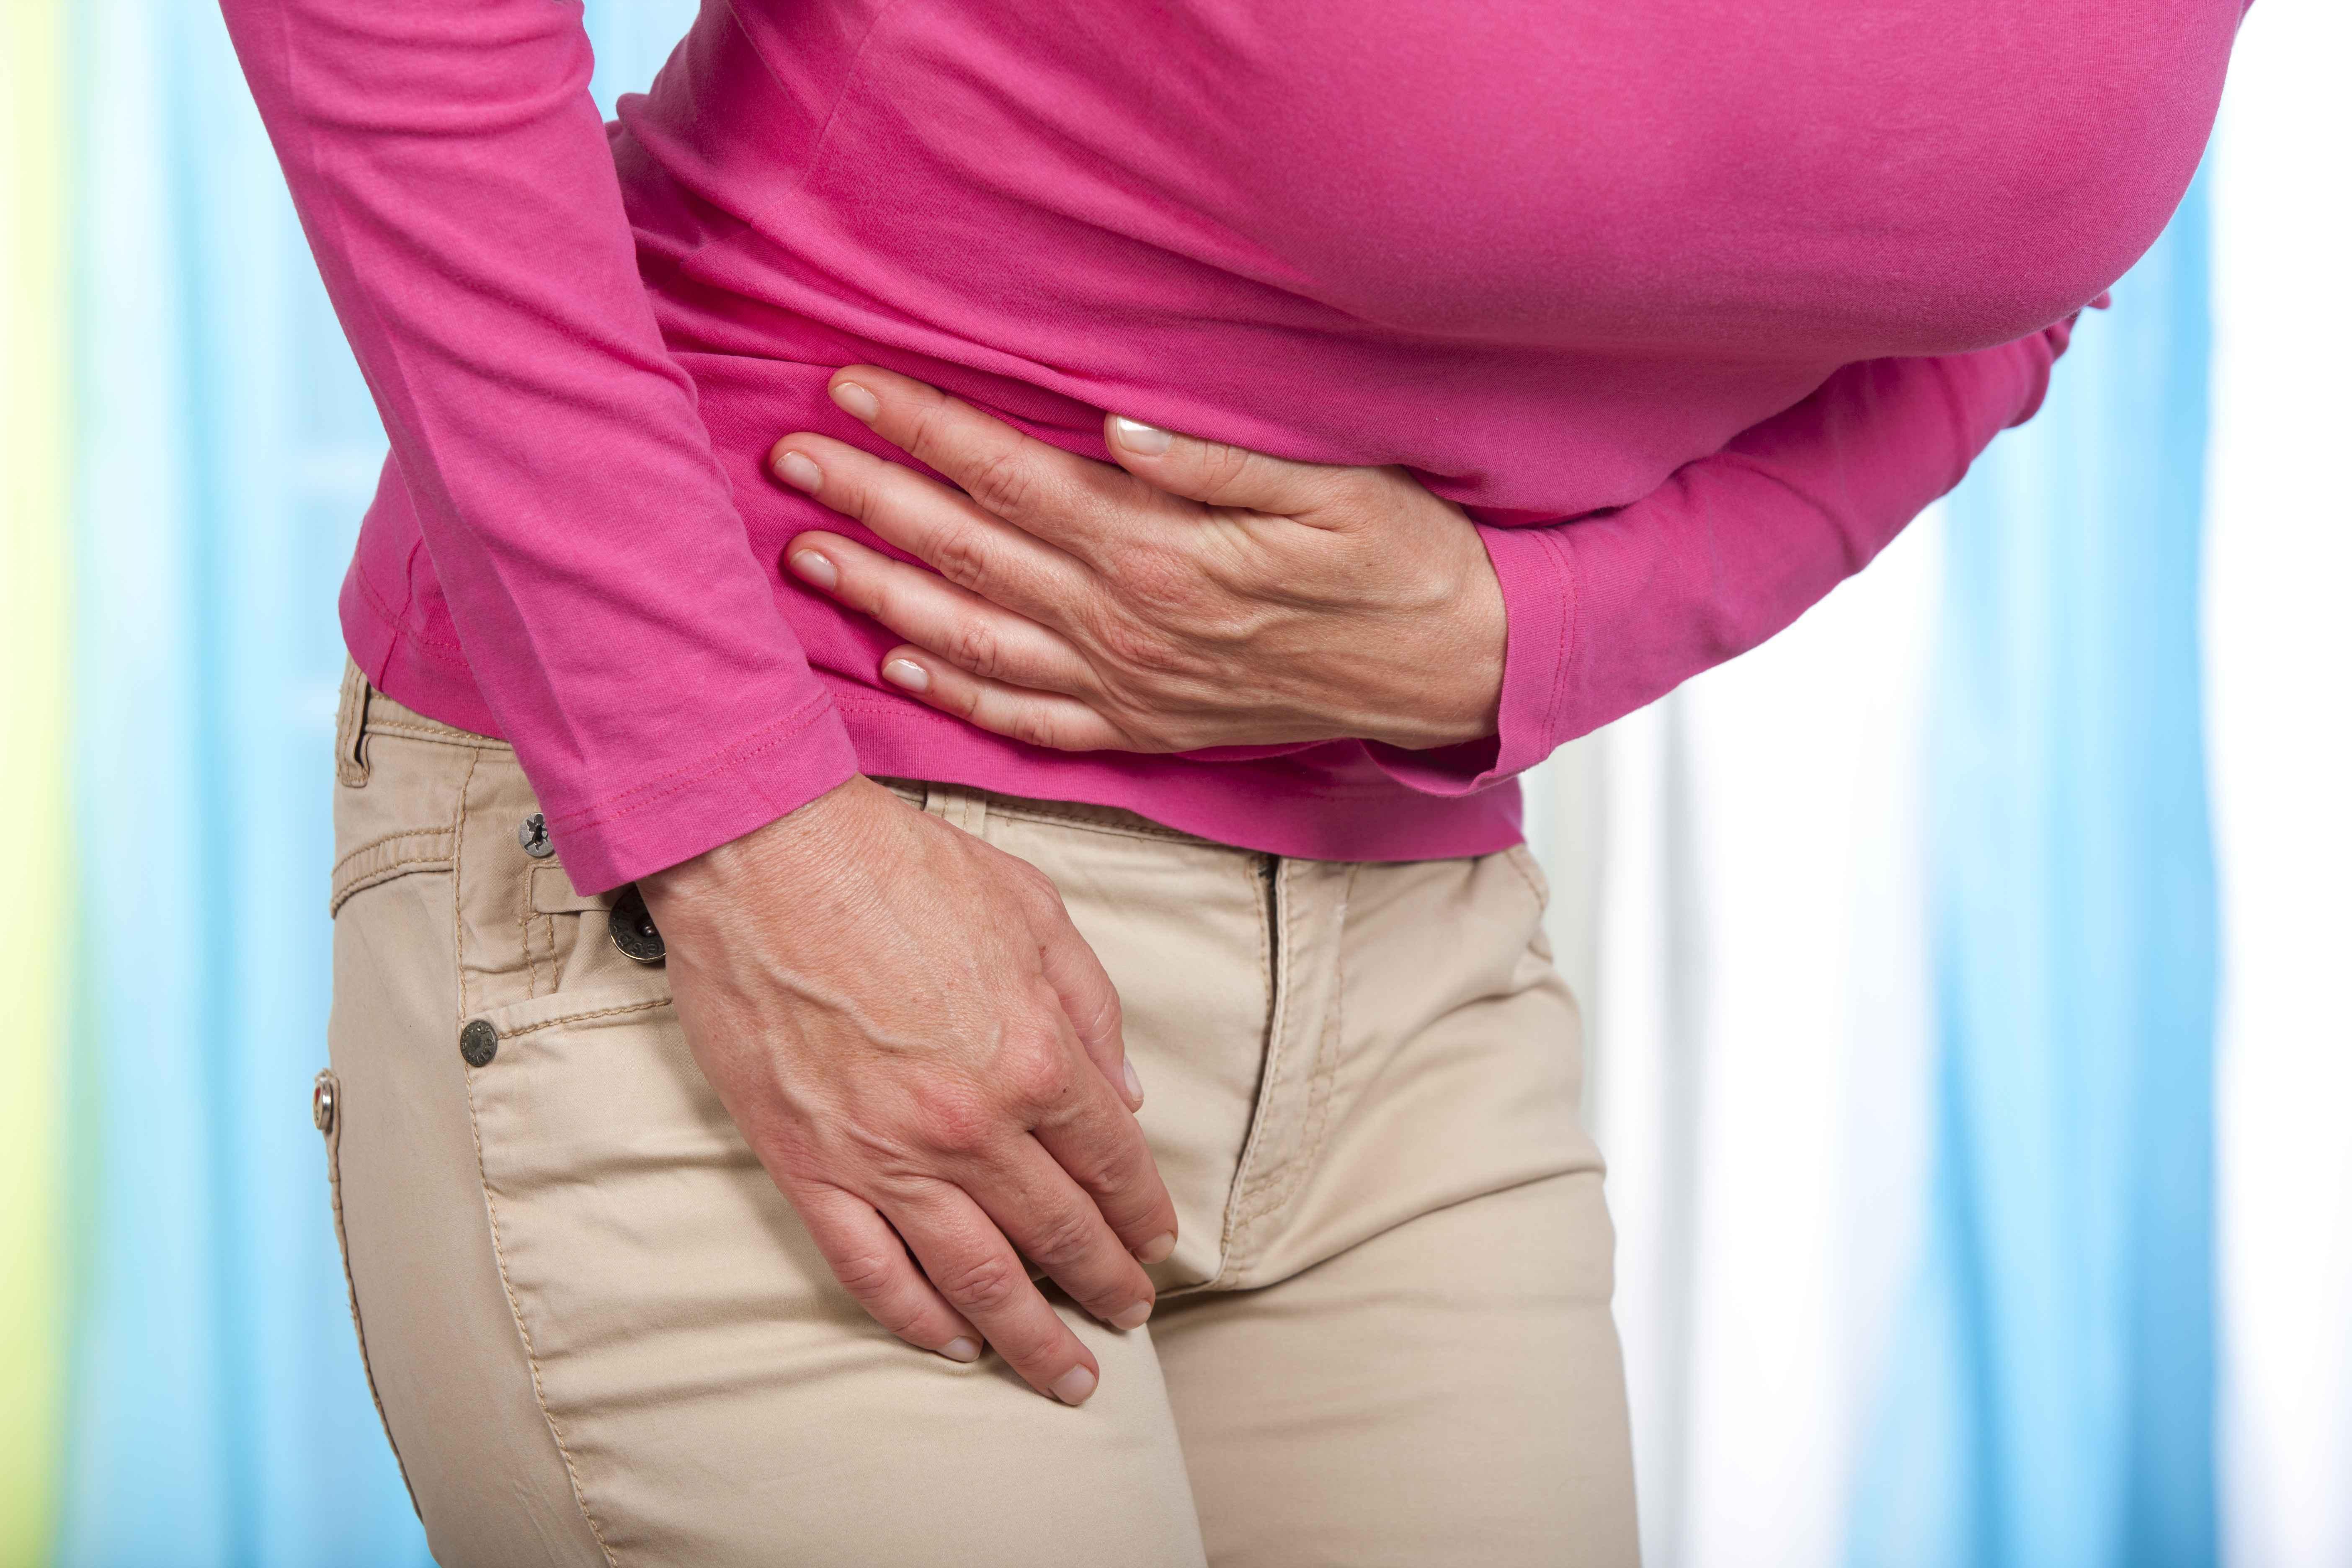 """胃癌的""""元凶""""终于被揪出!忠告:晚上坚持4个习惯,胃会感激你"""